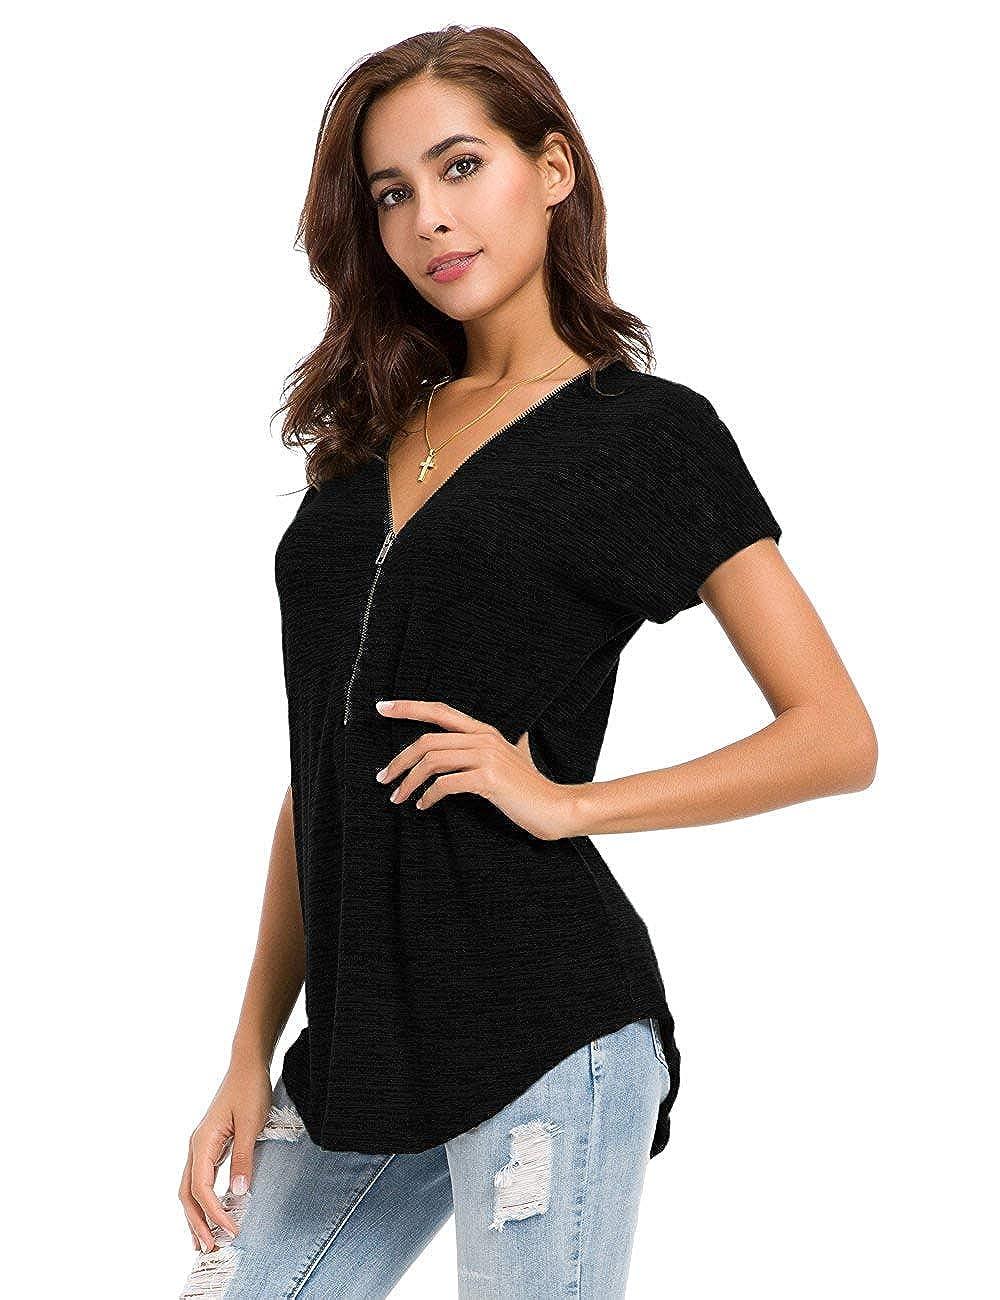 Avacoo Damen T Shirt Zipper V-Ausschnitt Kurzarm Tops Tunika Casual T Shirts Bluse mit Rei/ßverschluss